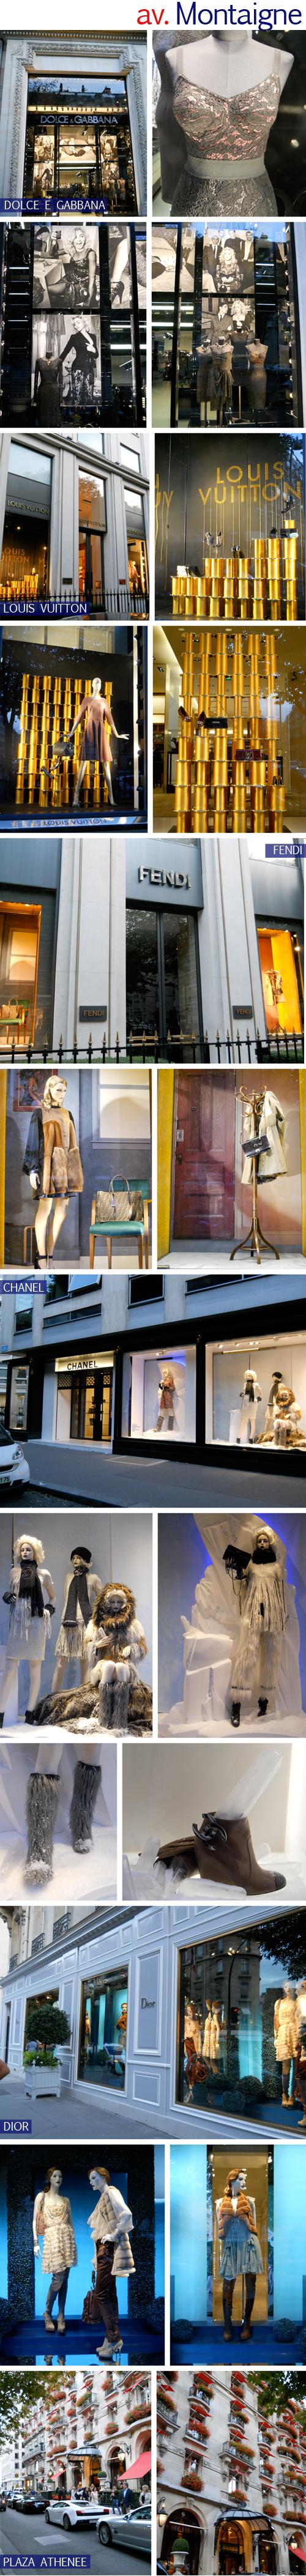 230009b107901 A Dolce e Gabbana expôs várias fotos da campanha com a Madonna na vitrine!  Tipo um mural de fotos, com imagens de família! Os vestidos ficam na frente  e são ...